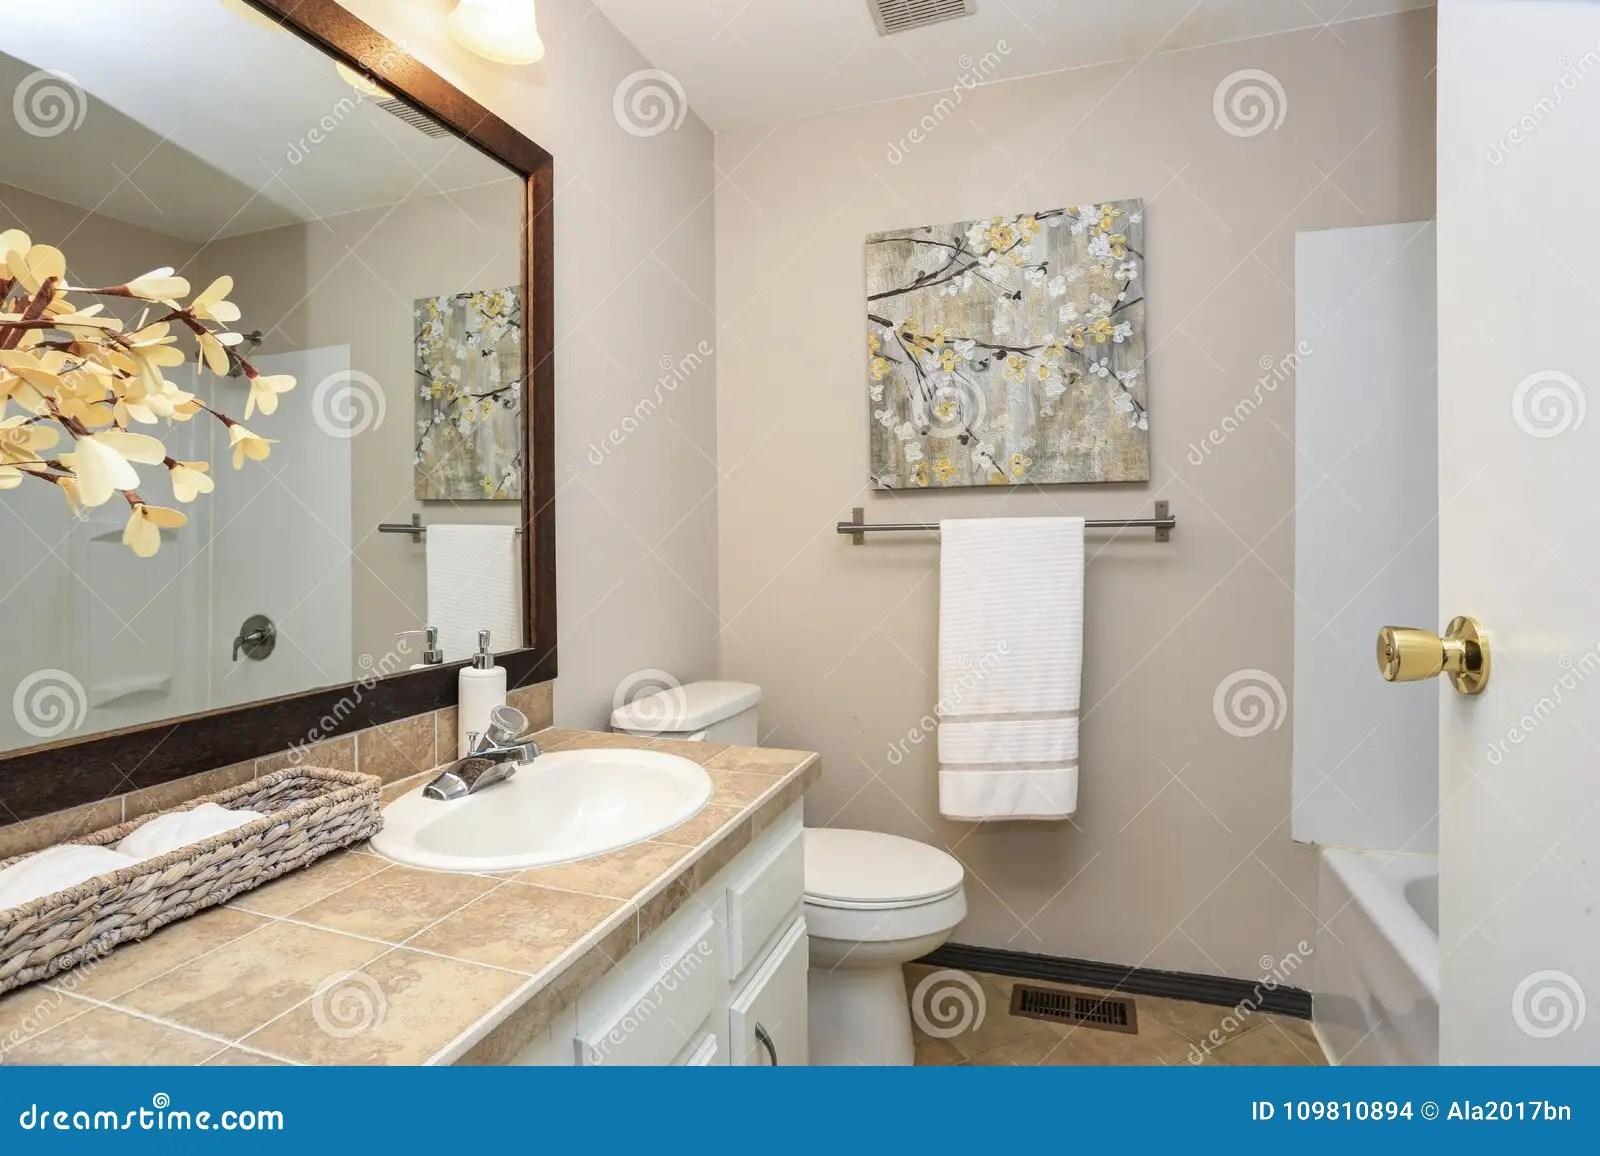 la salle de bains creme revendique une